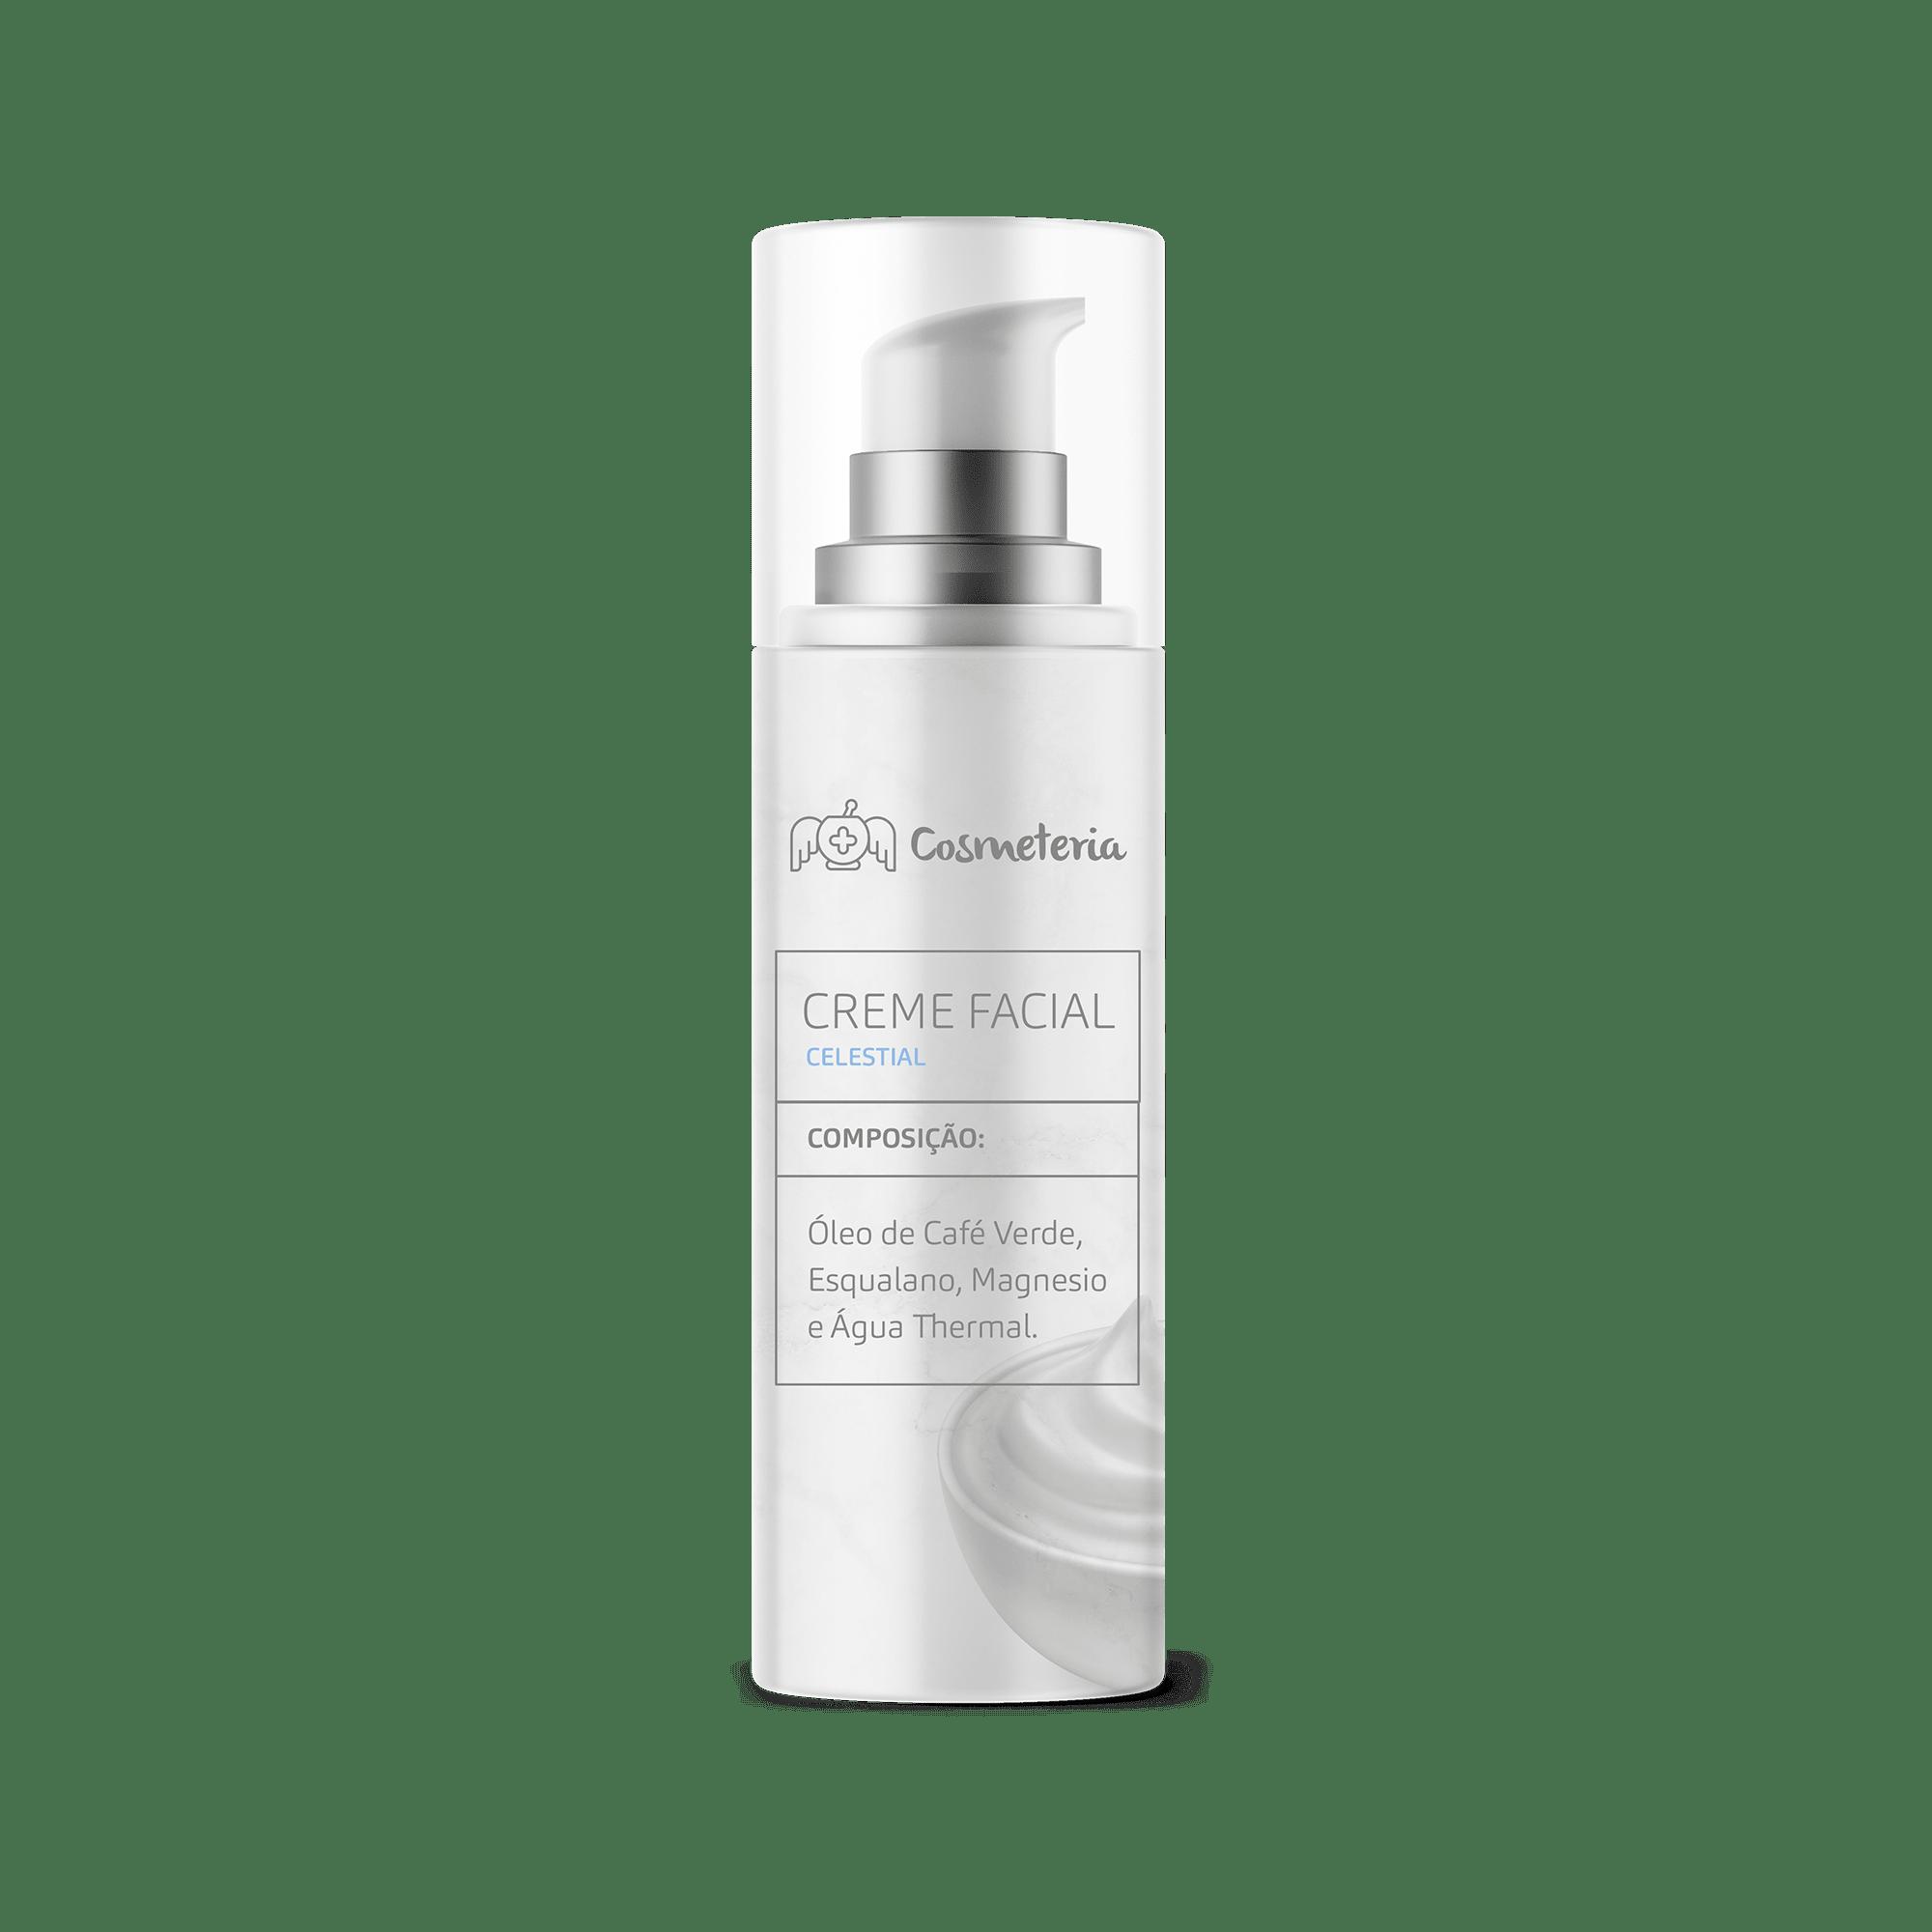 Creme Facial Celestial 30g Cosmeteria